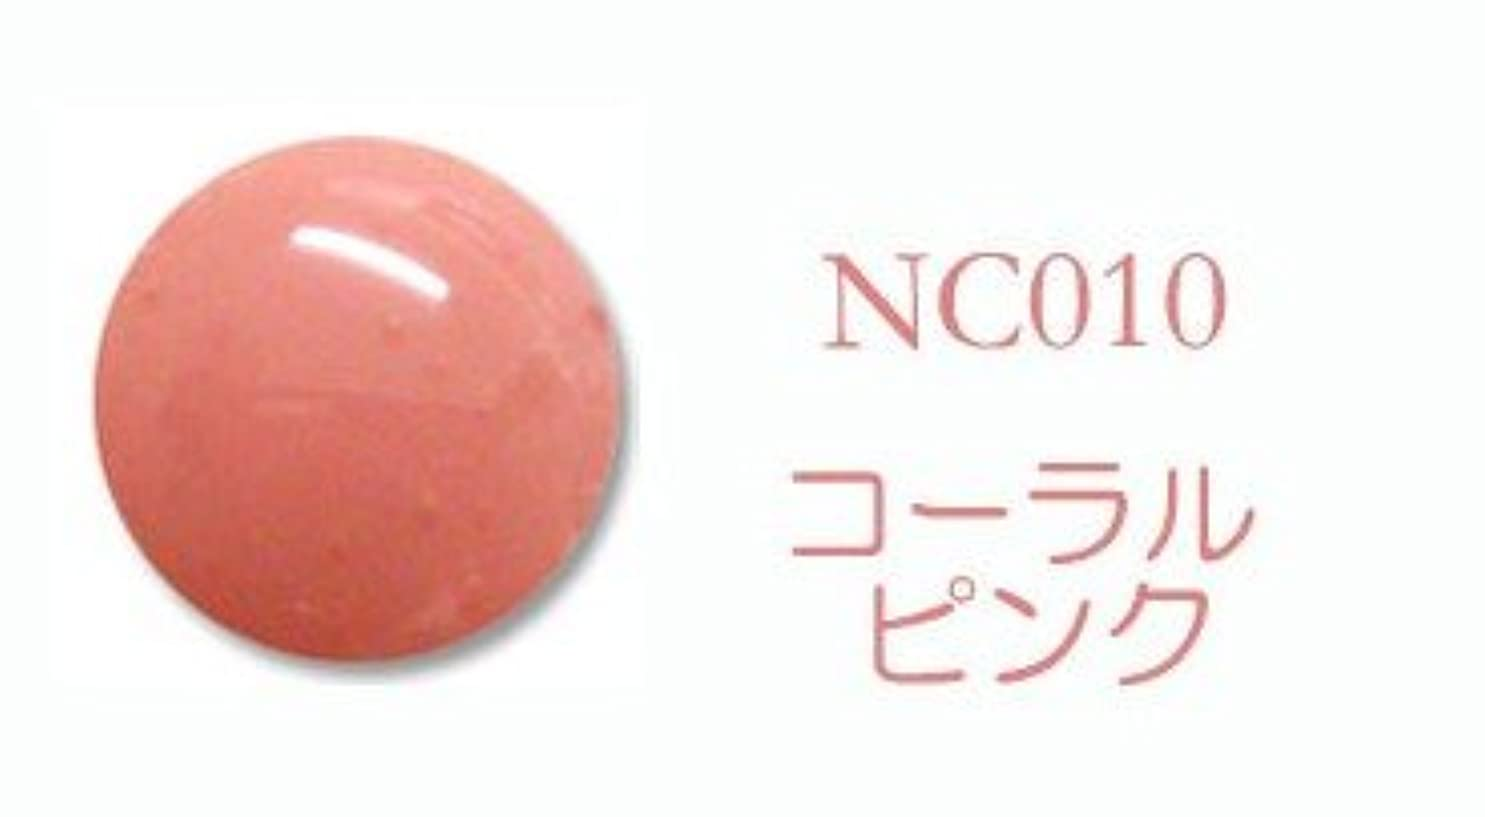 ペーストガソリン難民NC010 ソークオフ カラージェル コーラルピンク 5g LED/UV両方対応